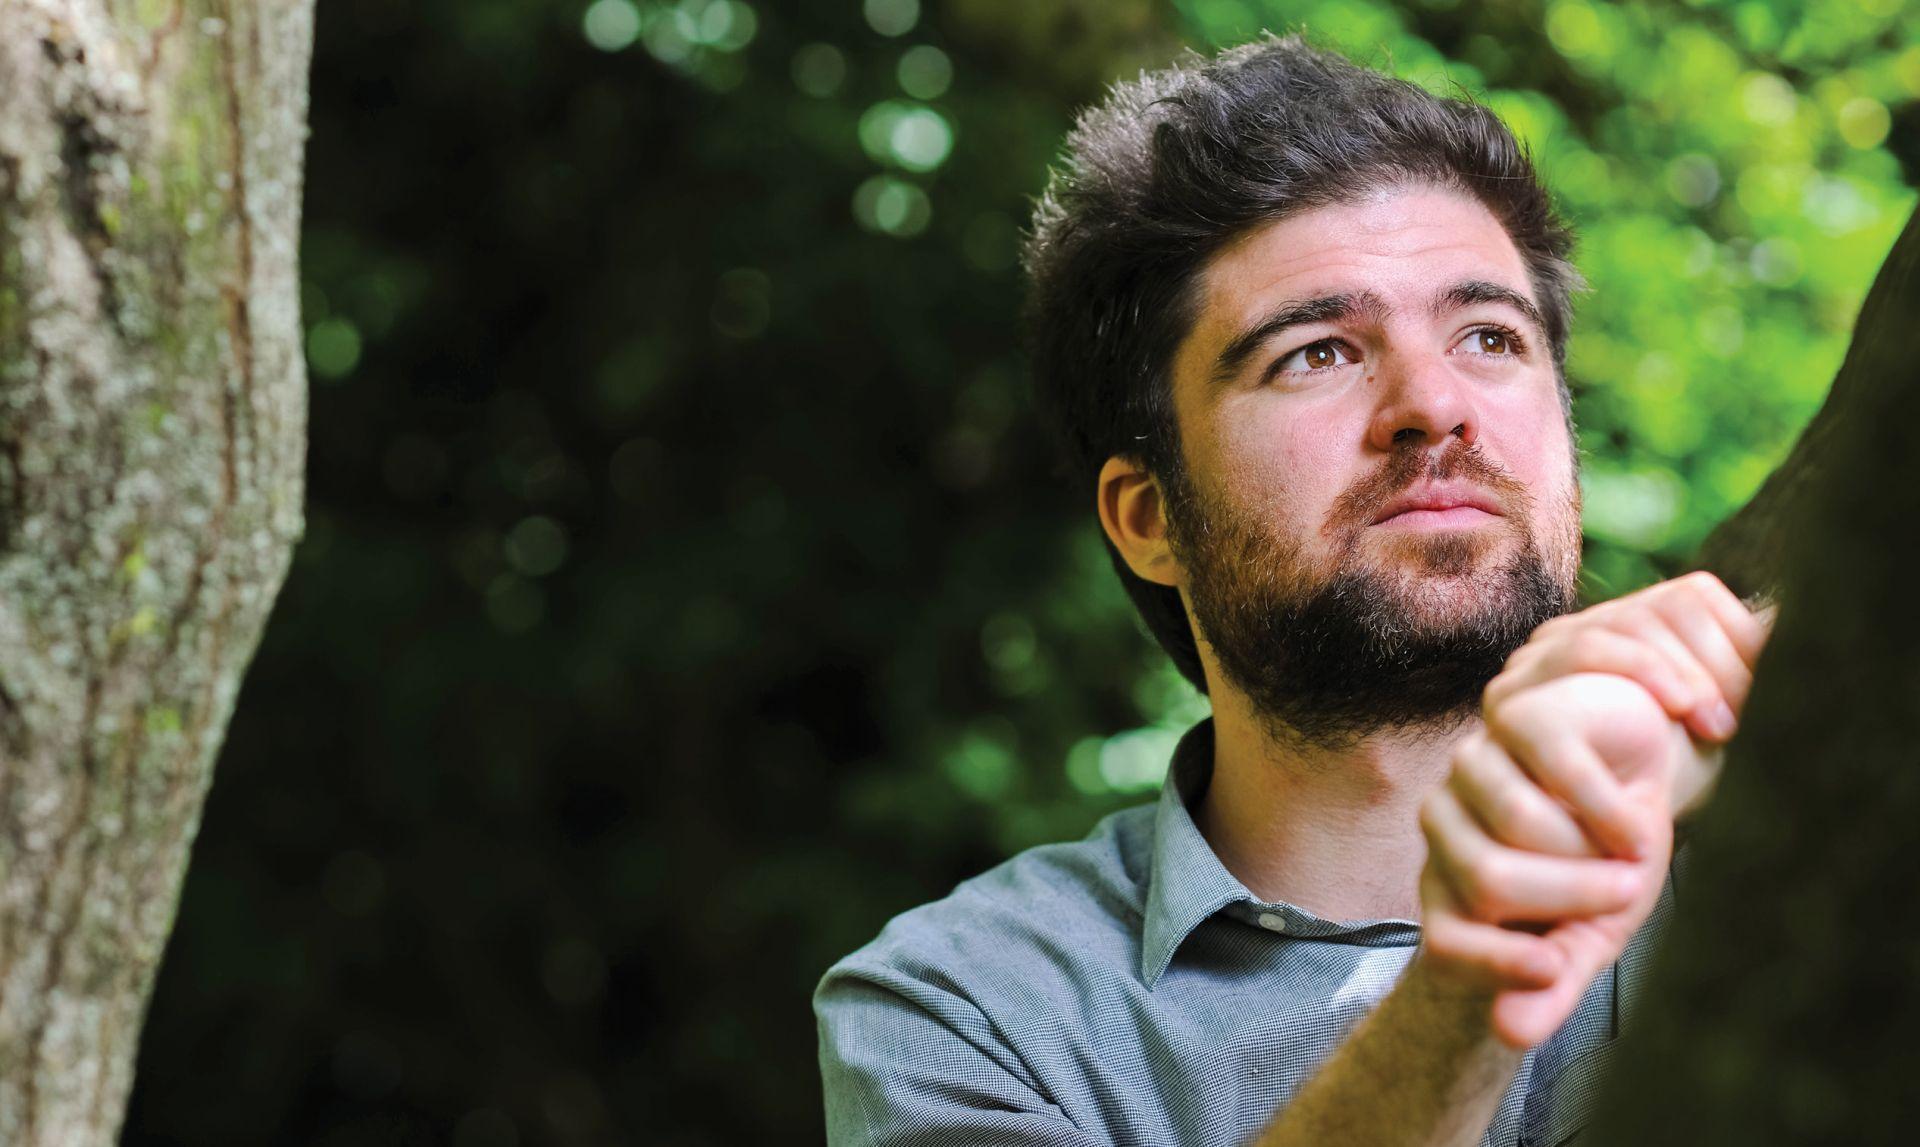 INTERVIEW: FILIP RIĐIČKI 'Glumački sam mazohist koji voli čitati negativne kritike'